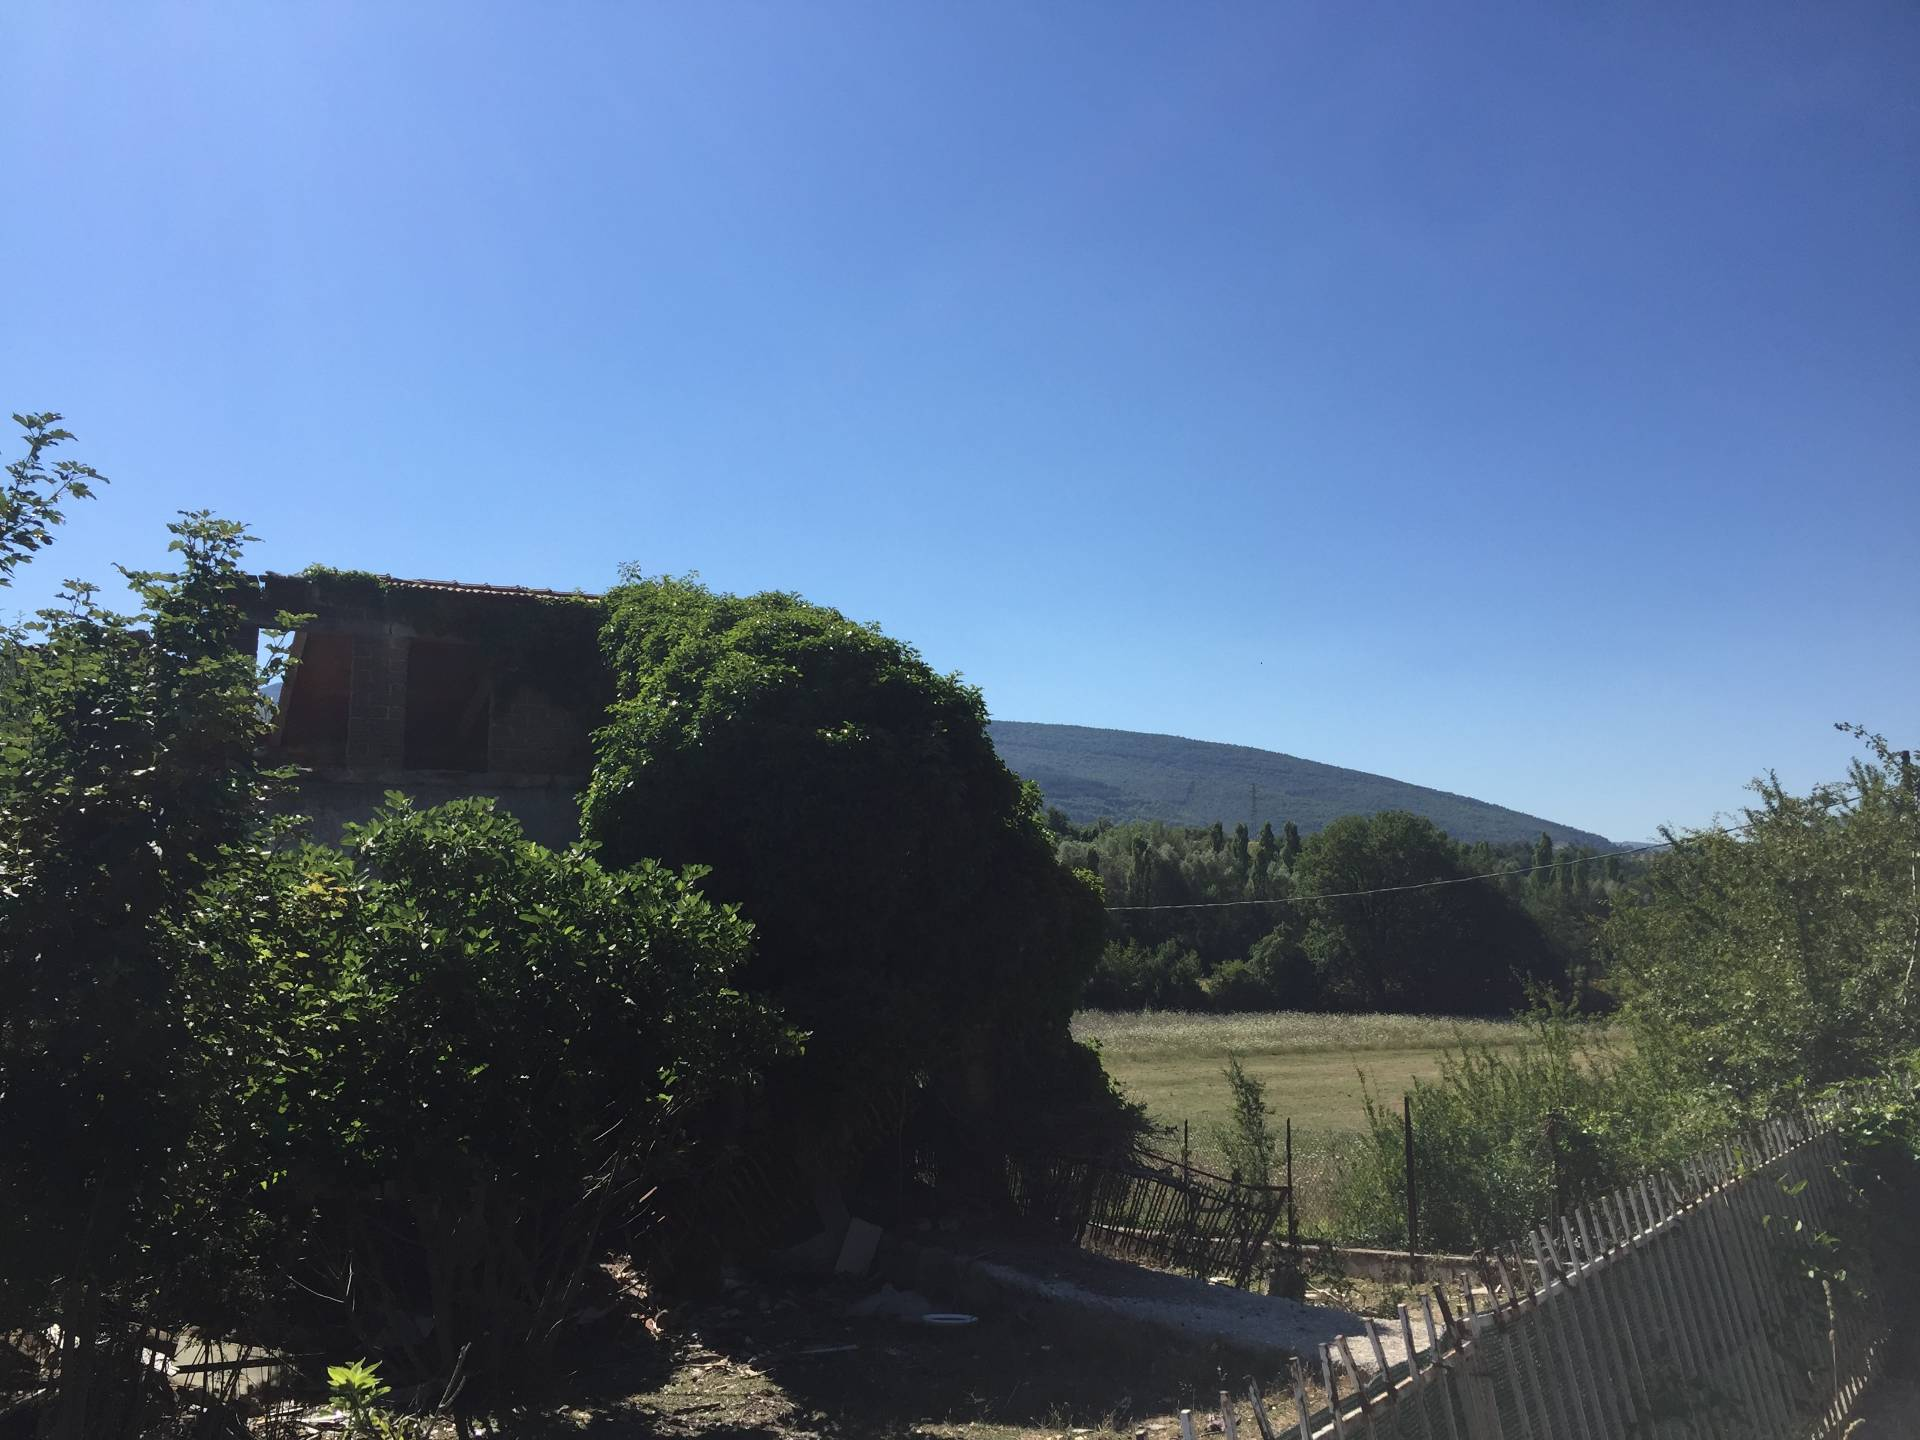 Terreno Agricolo in vendita a Nocera Umbra, 9999 locali, prezzo € 70.000 | CambioCasa.it